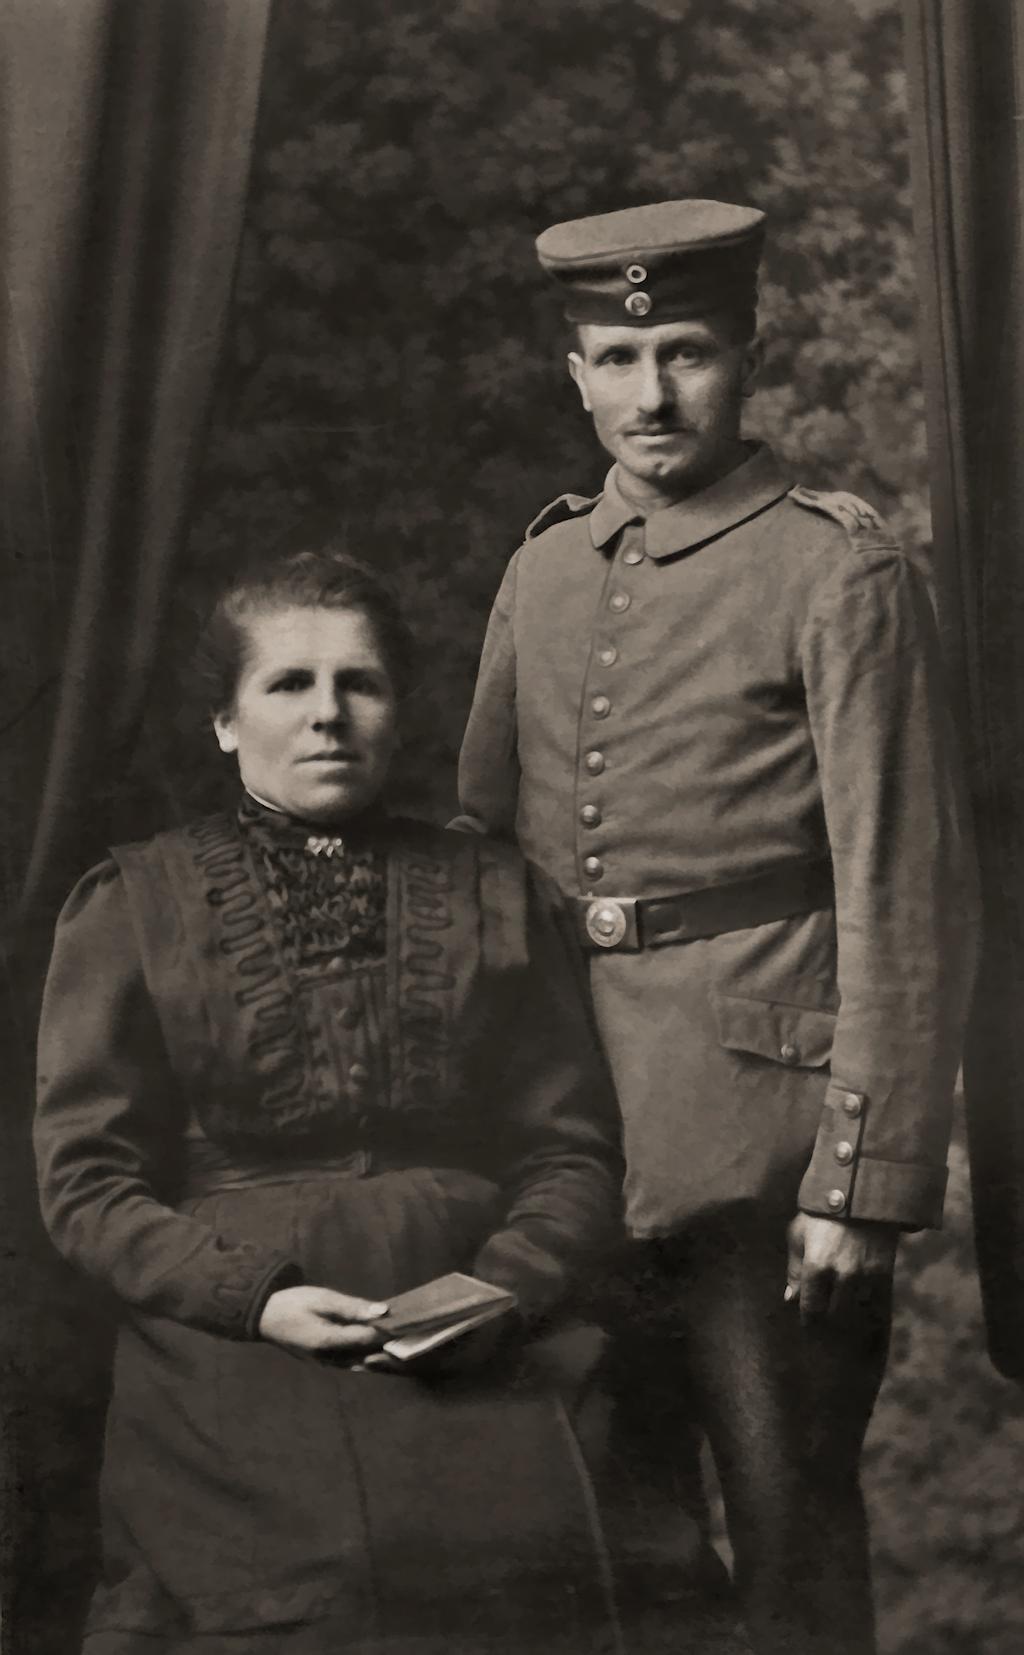 Soldat mit Ehefrau, 1915